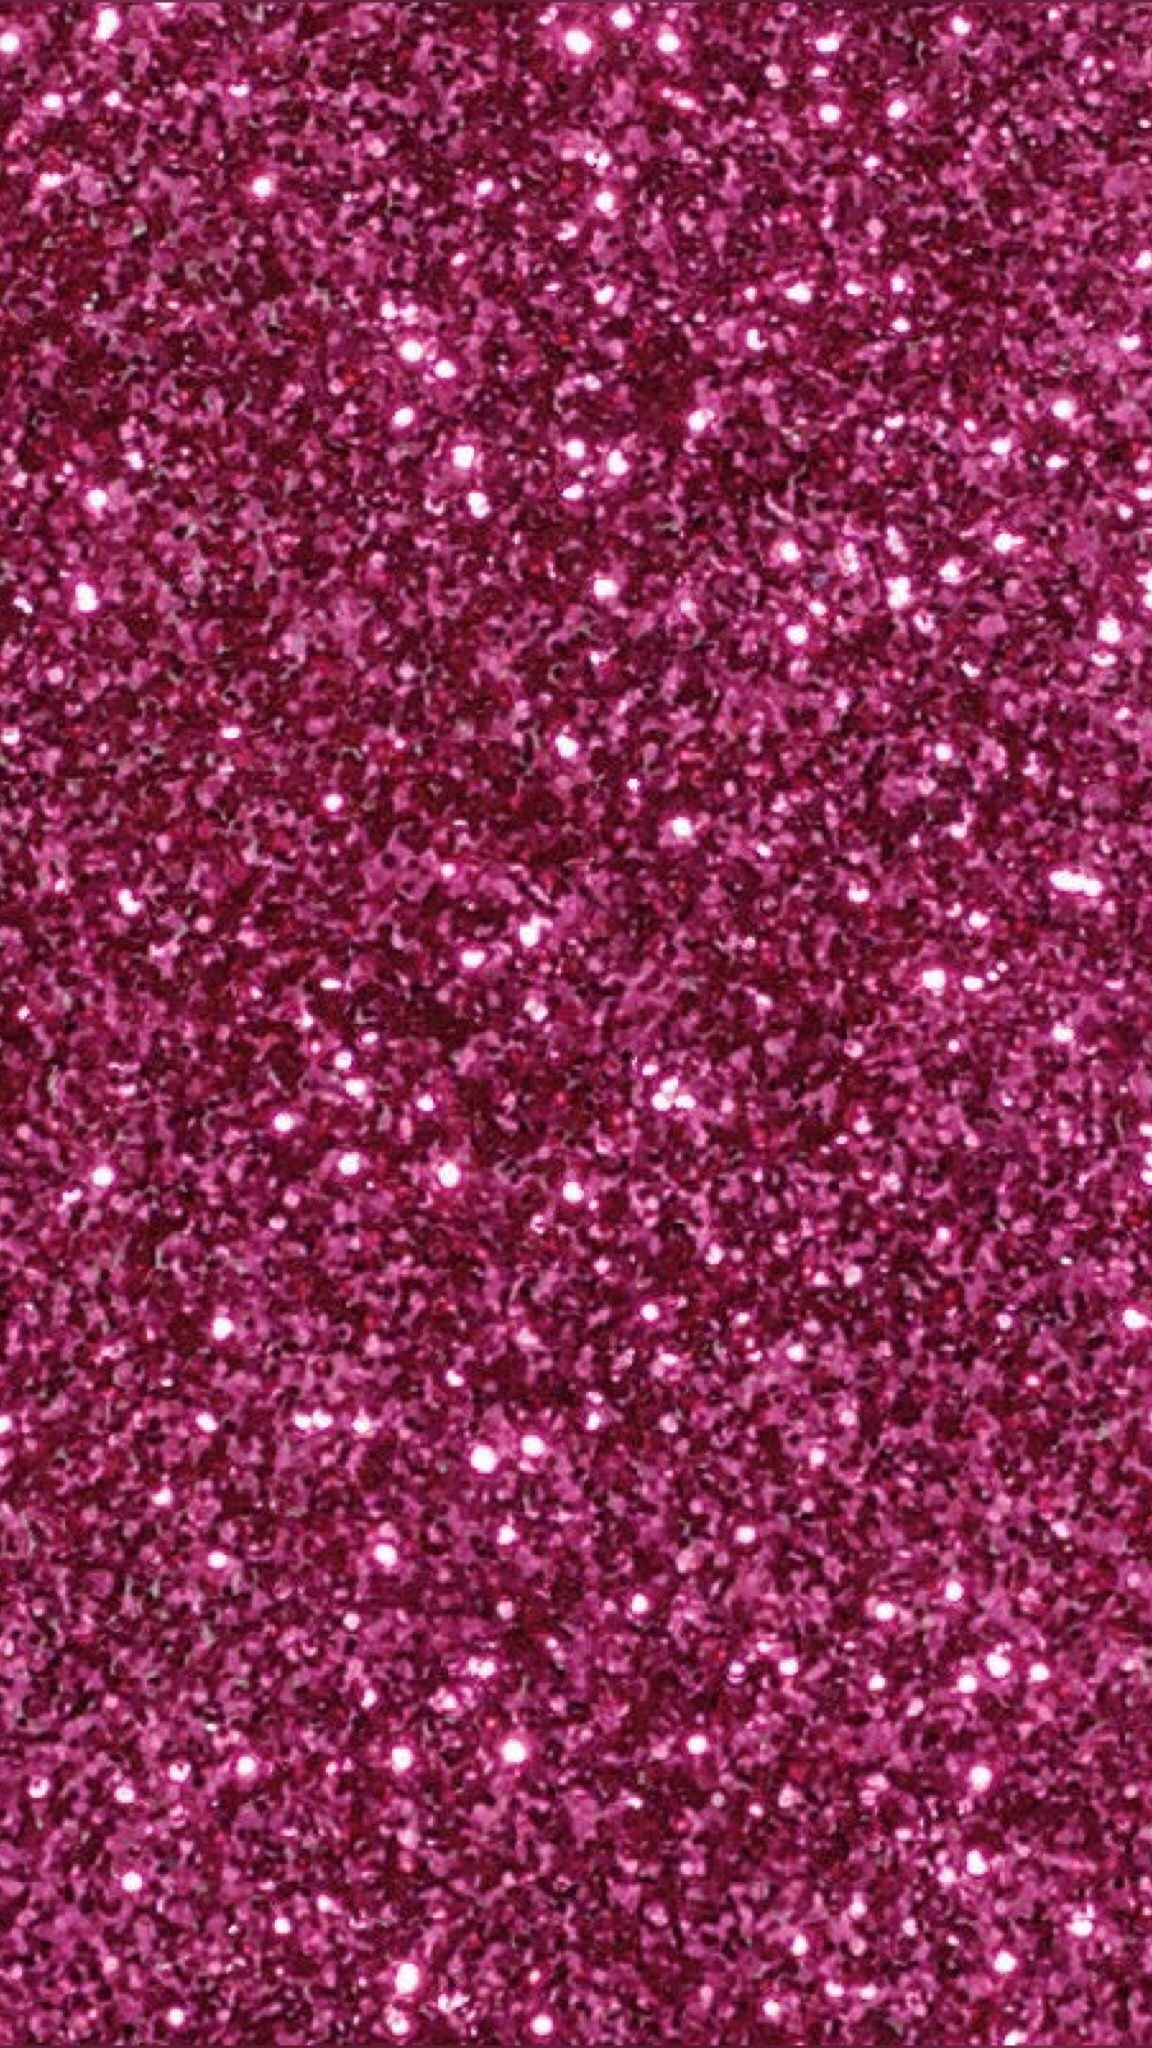 10 Top Glitter Wallpaper For Phones FULL HD 1920×1080 For PC